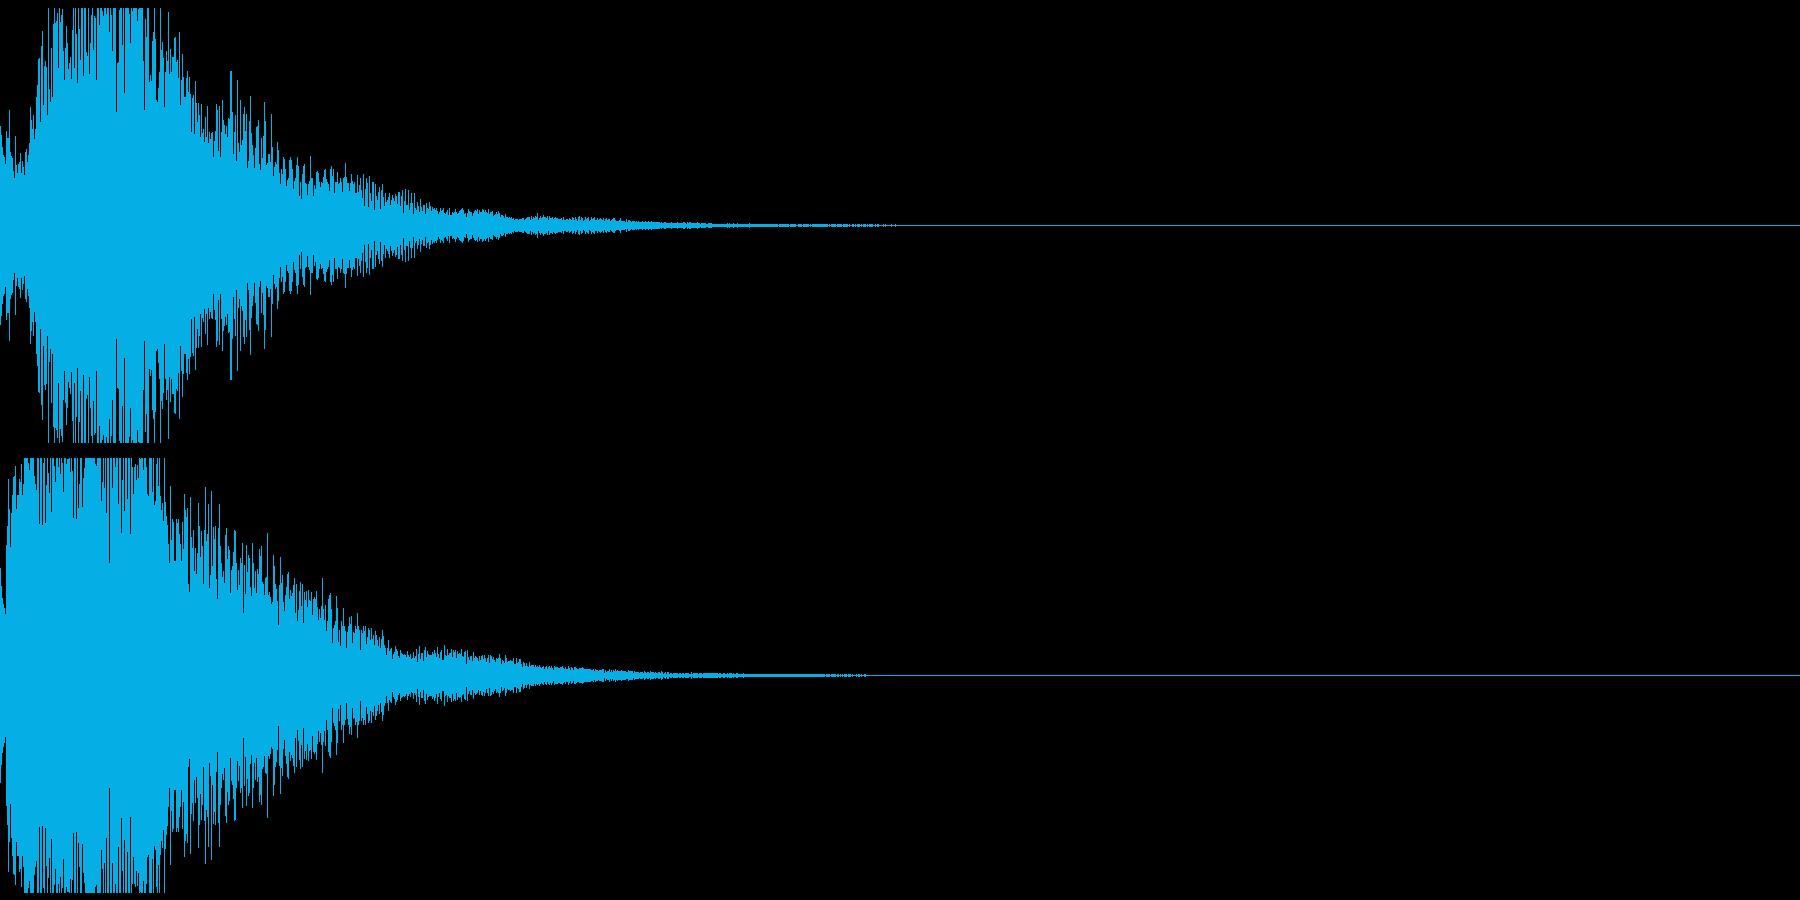 テレレン 透明感のある高品位な音の再生済みの波形